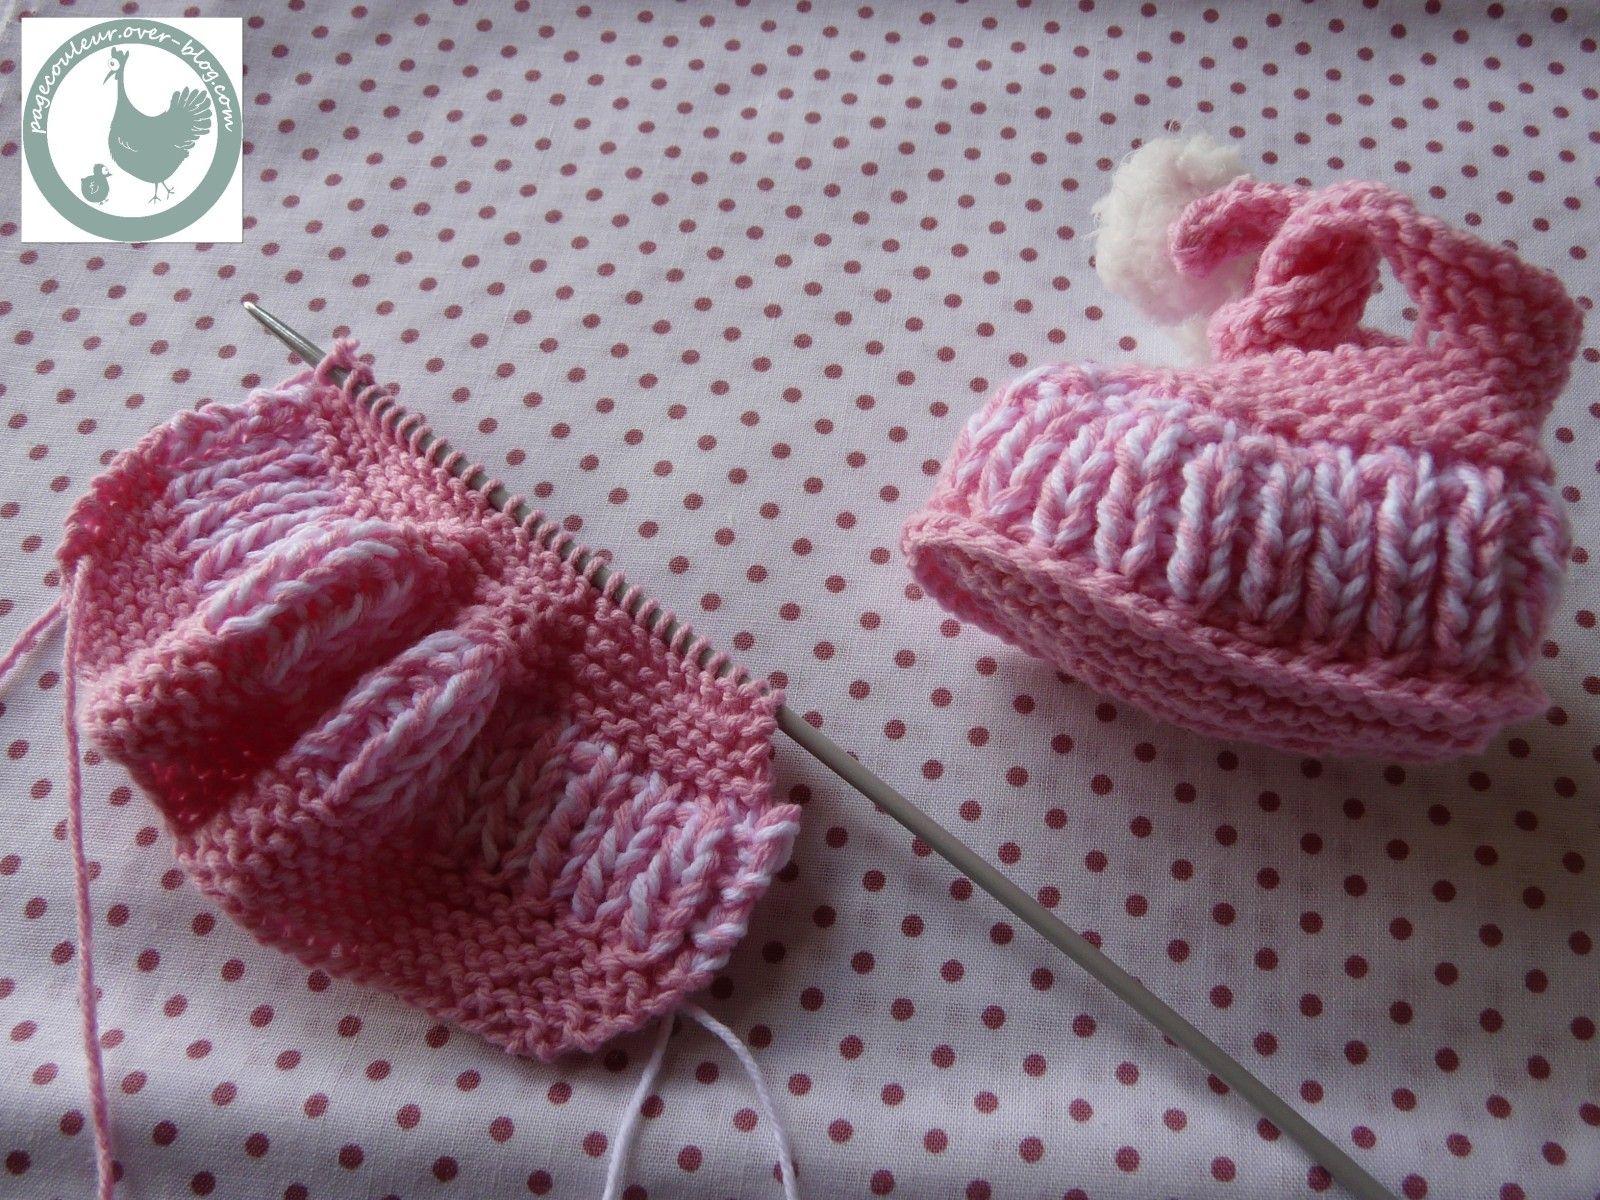 tuto chaussons naissance   Tricot, Tricot et crochet et Chaussons bébé tricot facile